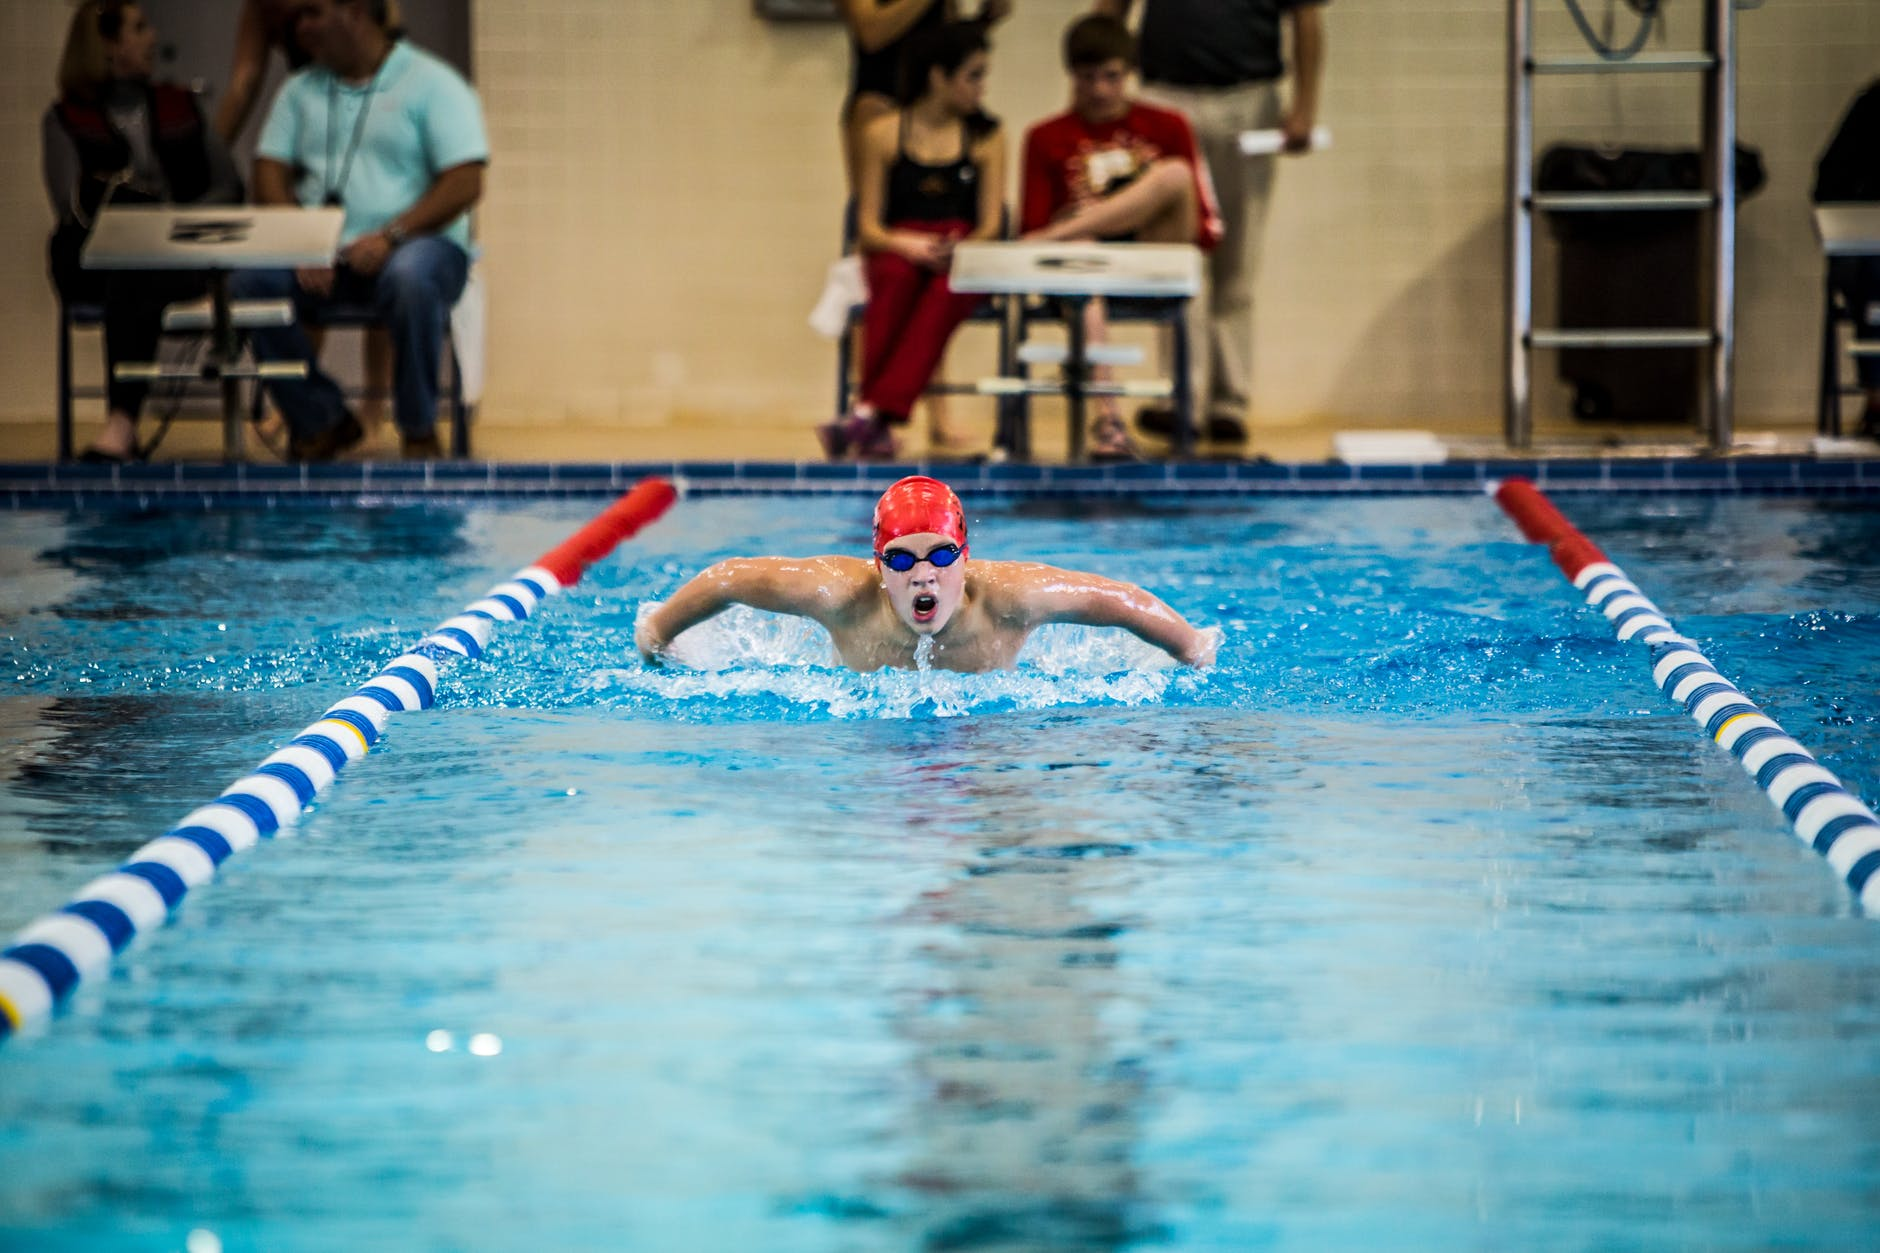 wedstrijdzwemmer doet vlinderslag en zwemt in zwembad